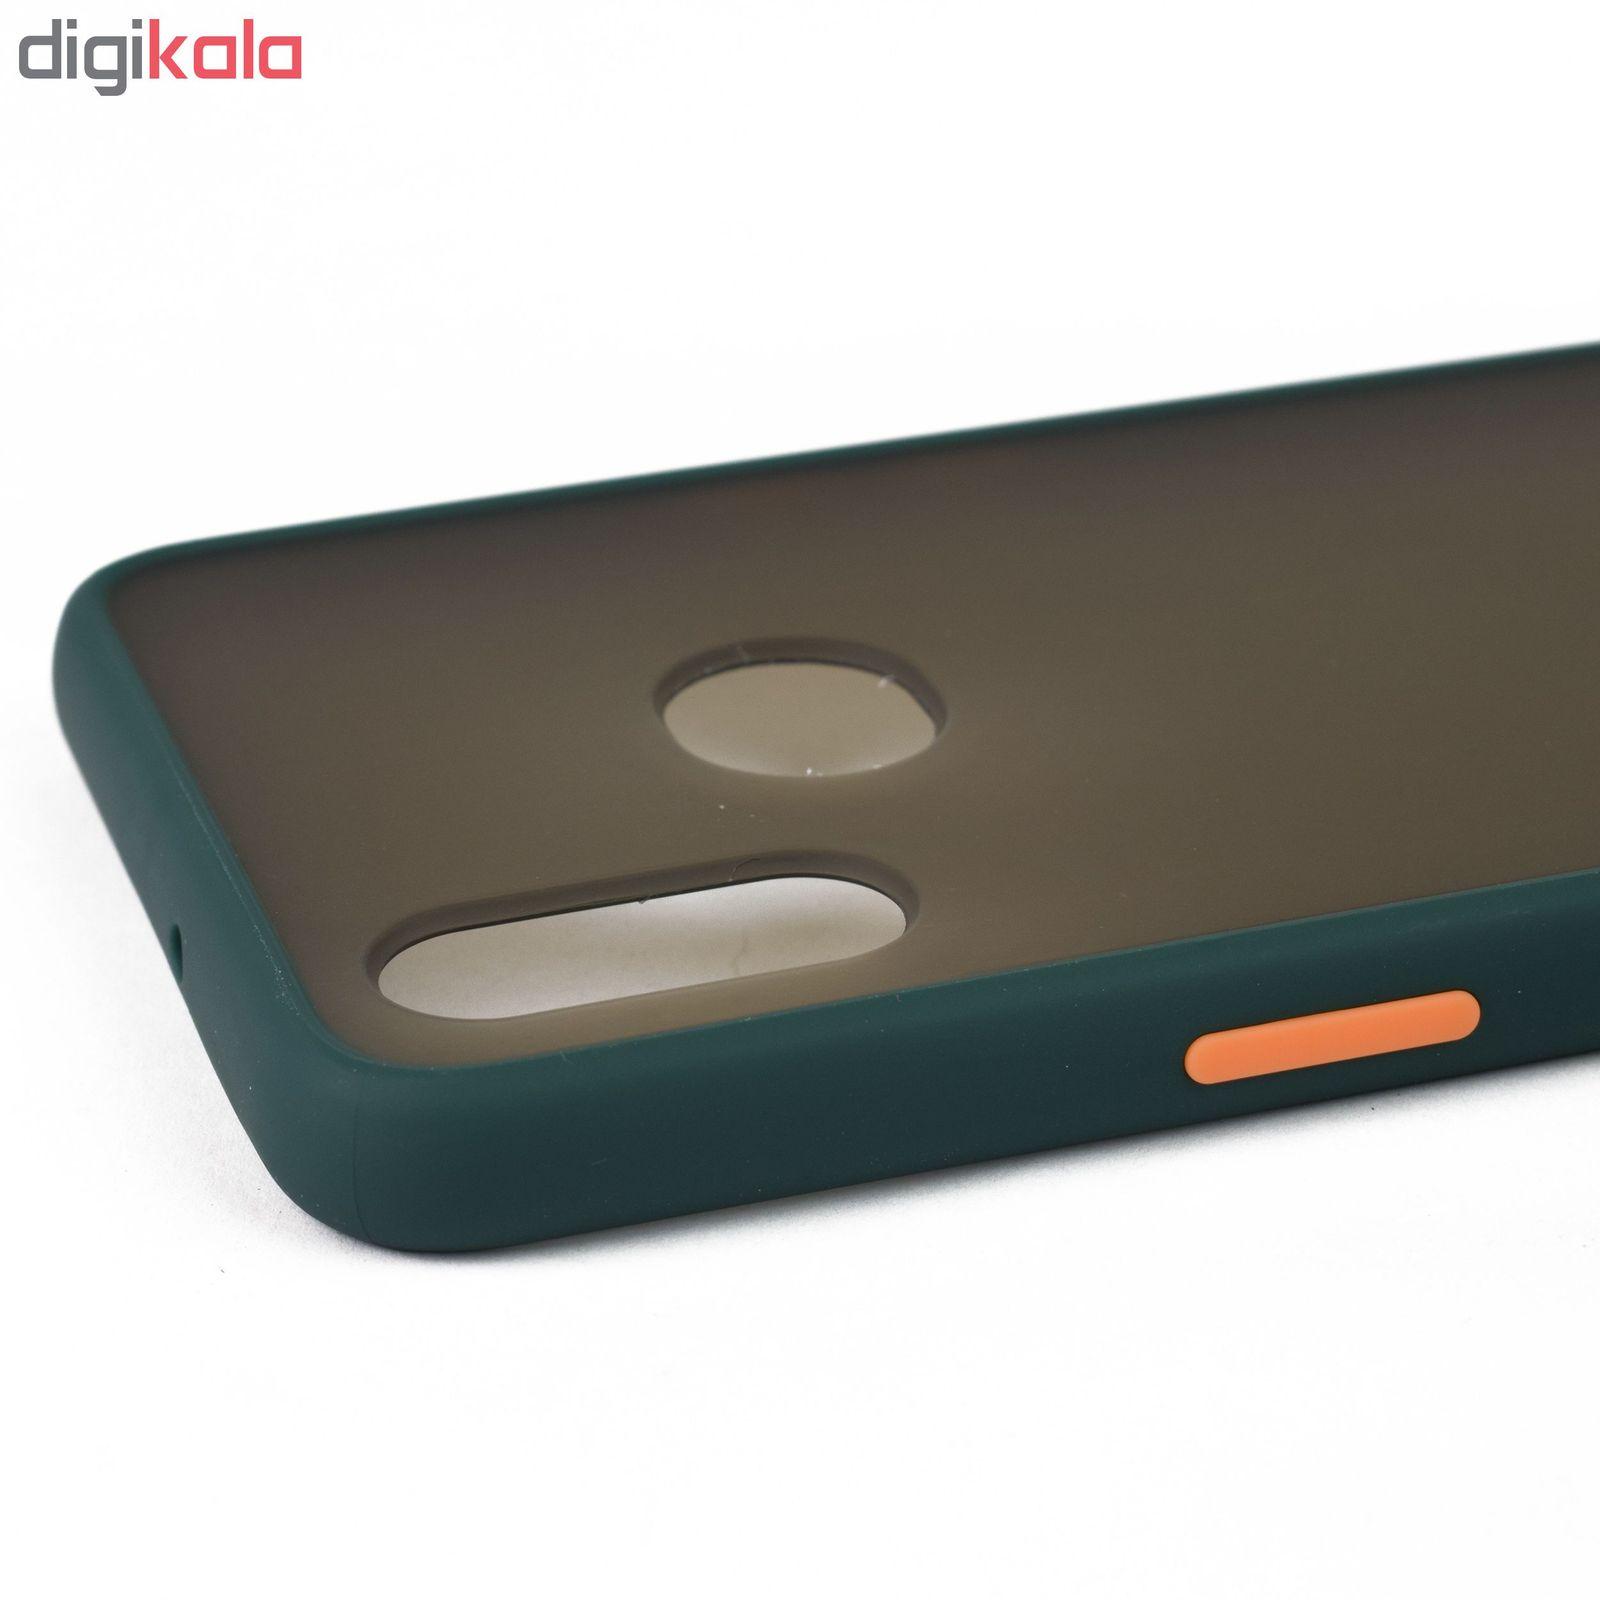 کاور مدل Slico01 مناسب برای گوشی موبایل سامسونگ Galaxy A10S main 1 7